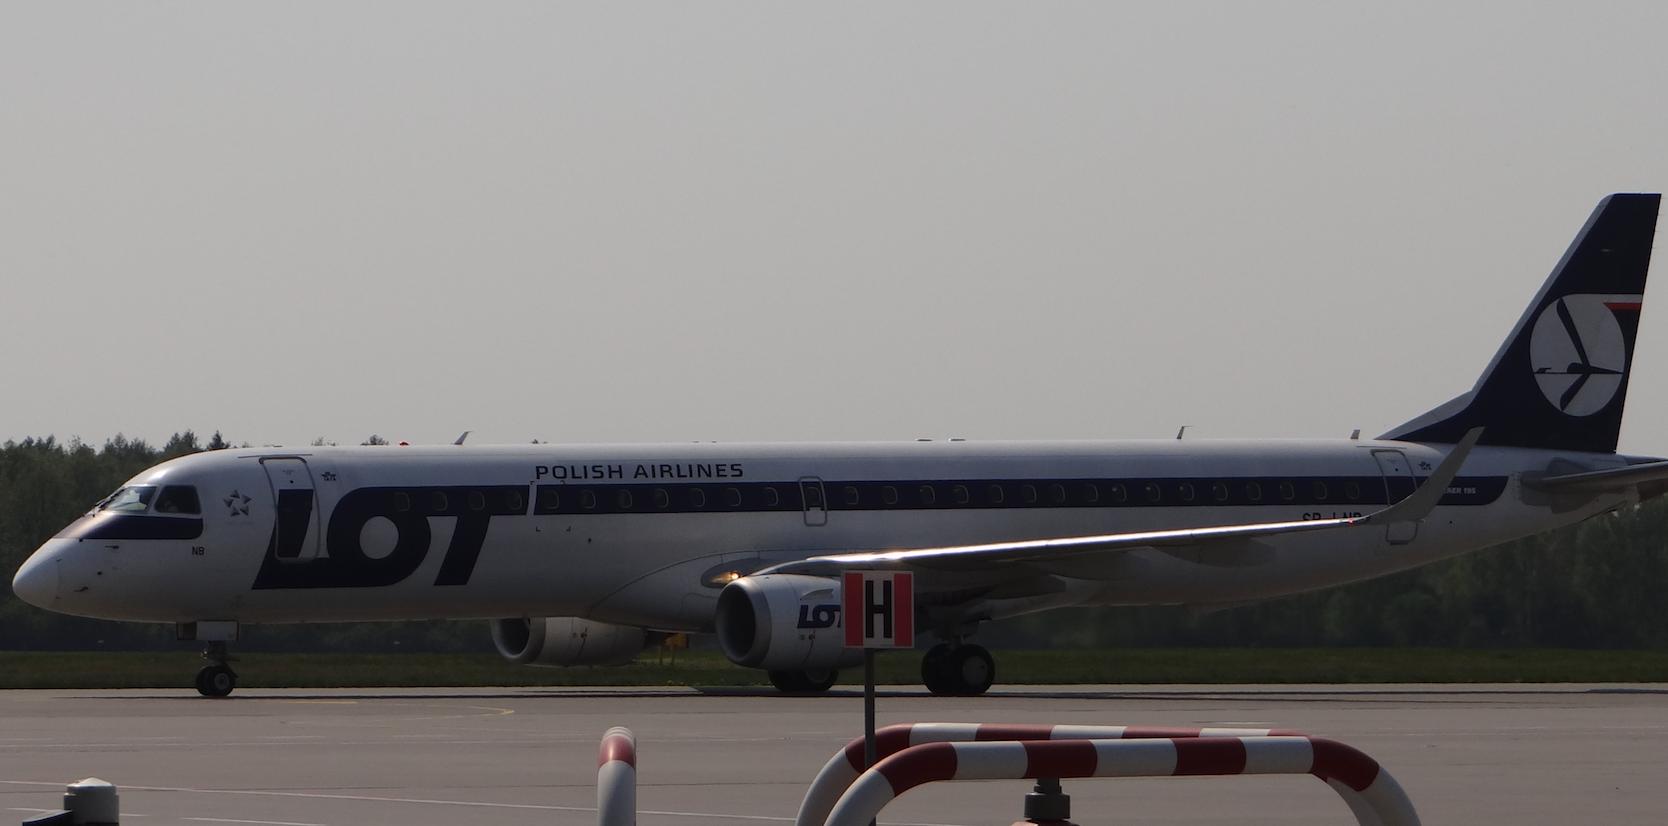 Lotnisko Strachowice. Embraer 190 rejestracja SP-LNB.2018 rok. Zdjęcie Karol Placha Hetman